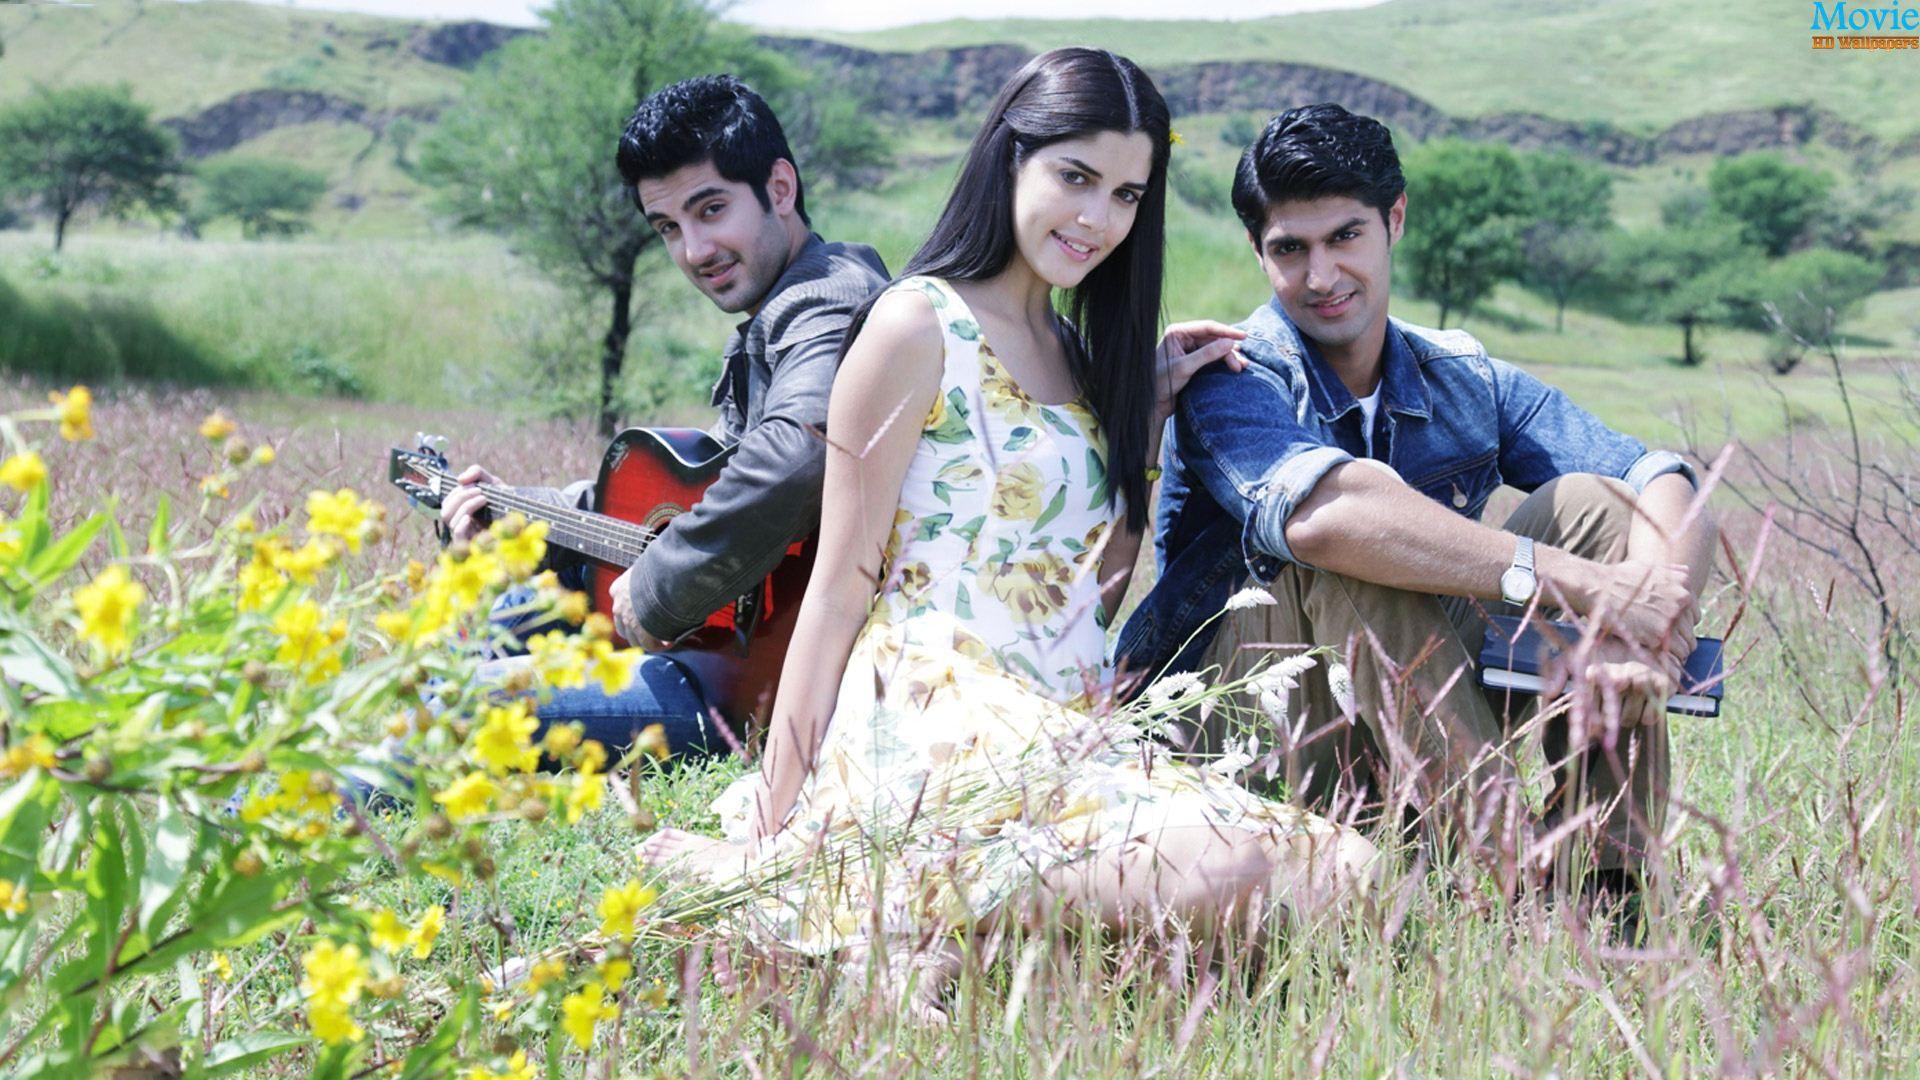 R Rajkumar Hd Wallpaper Purani Jeans Movie Hd Wallpapers